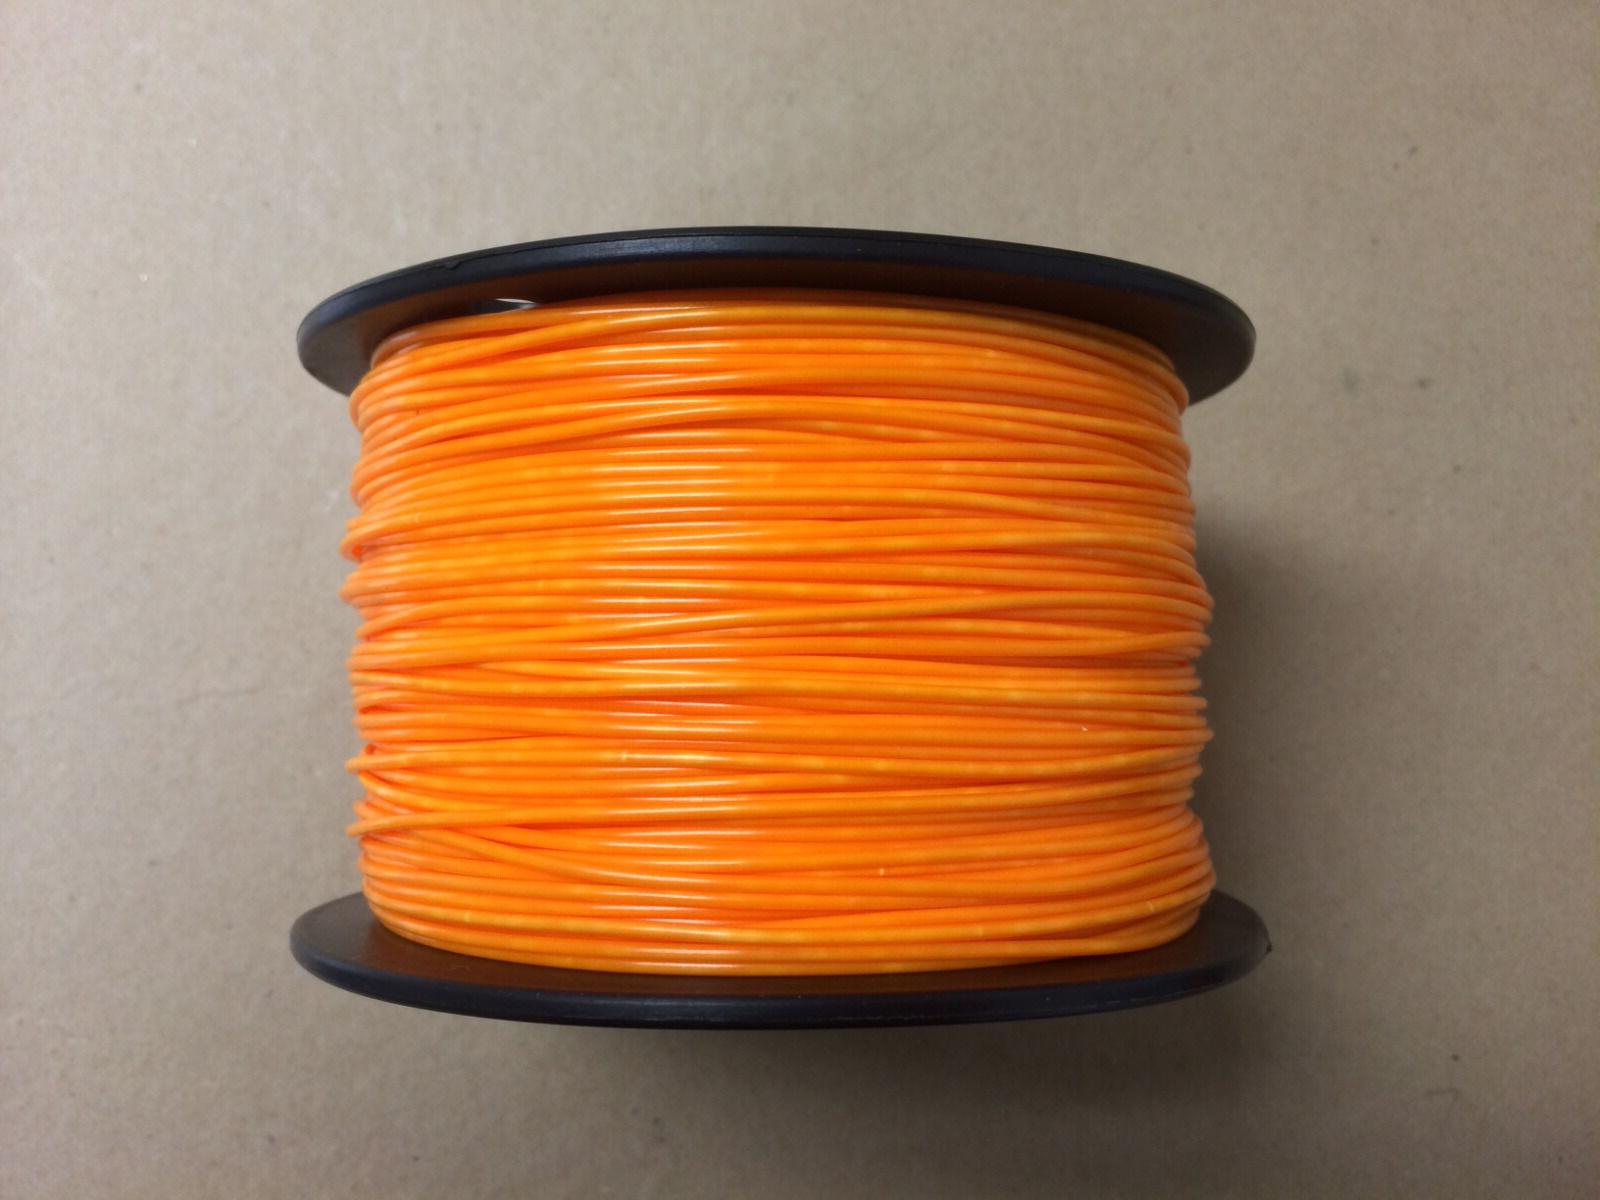 PLA/ABS filament 1 /spool, 18 spools a